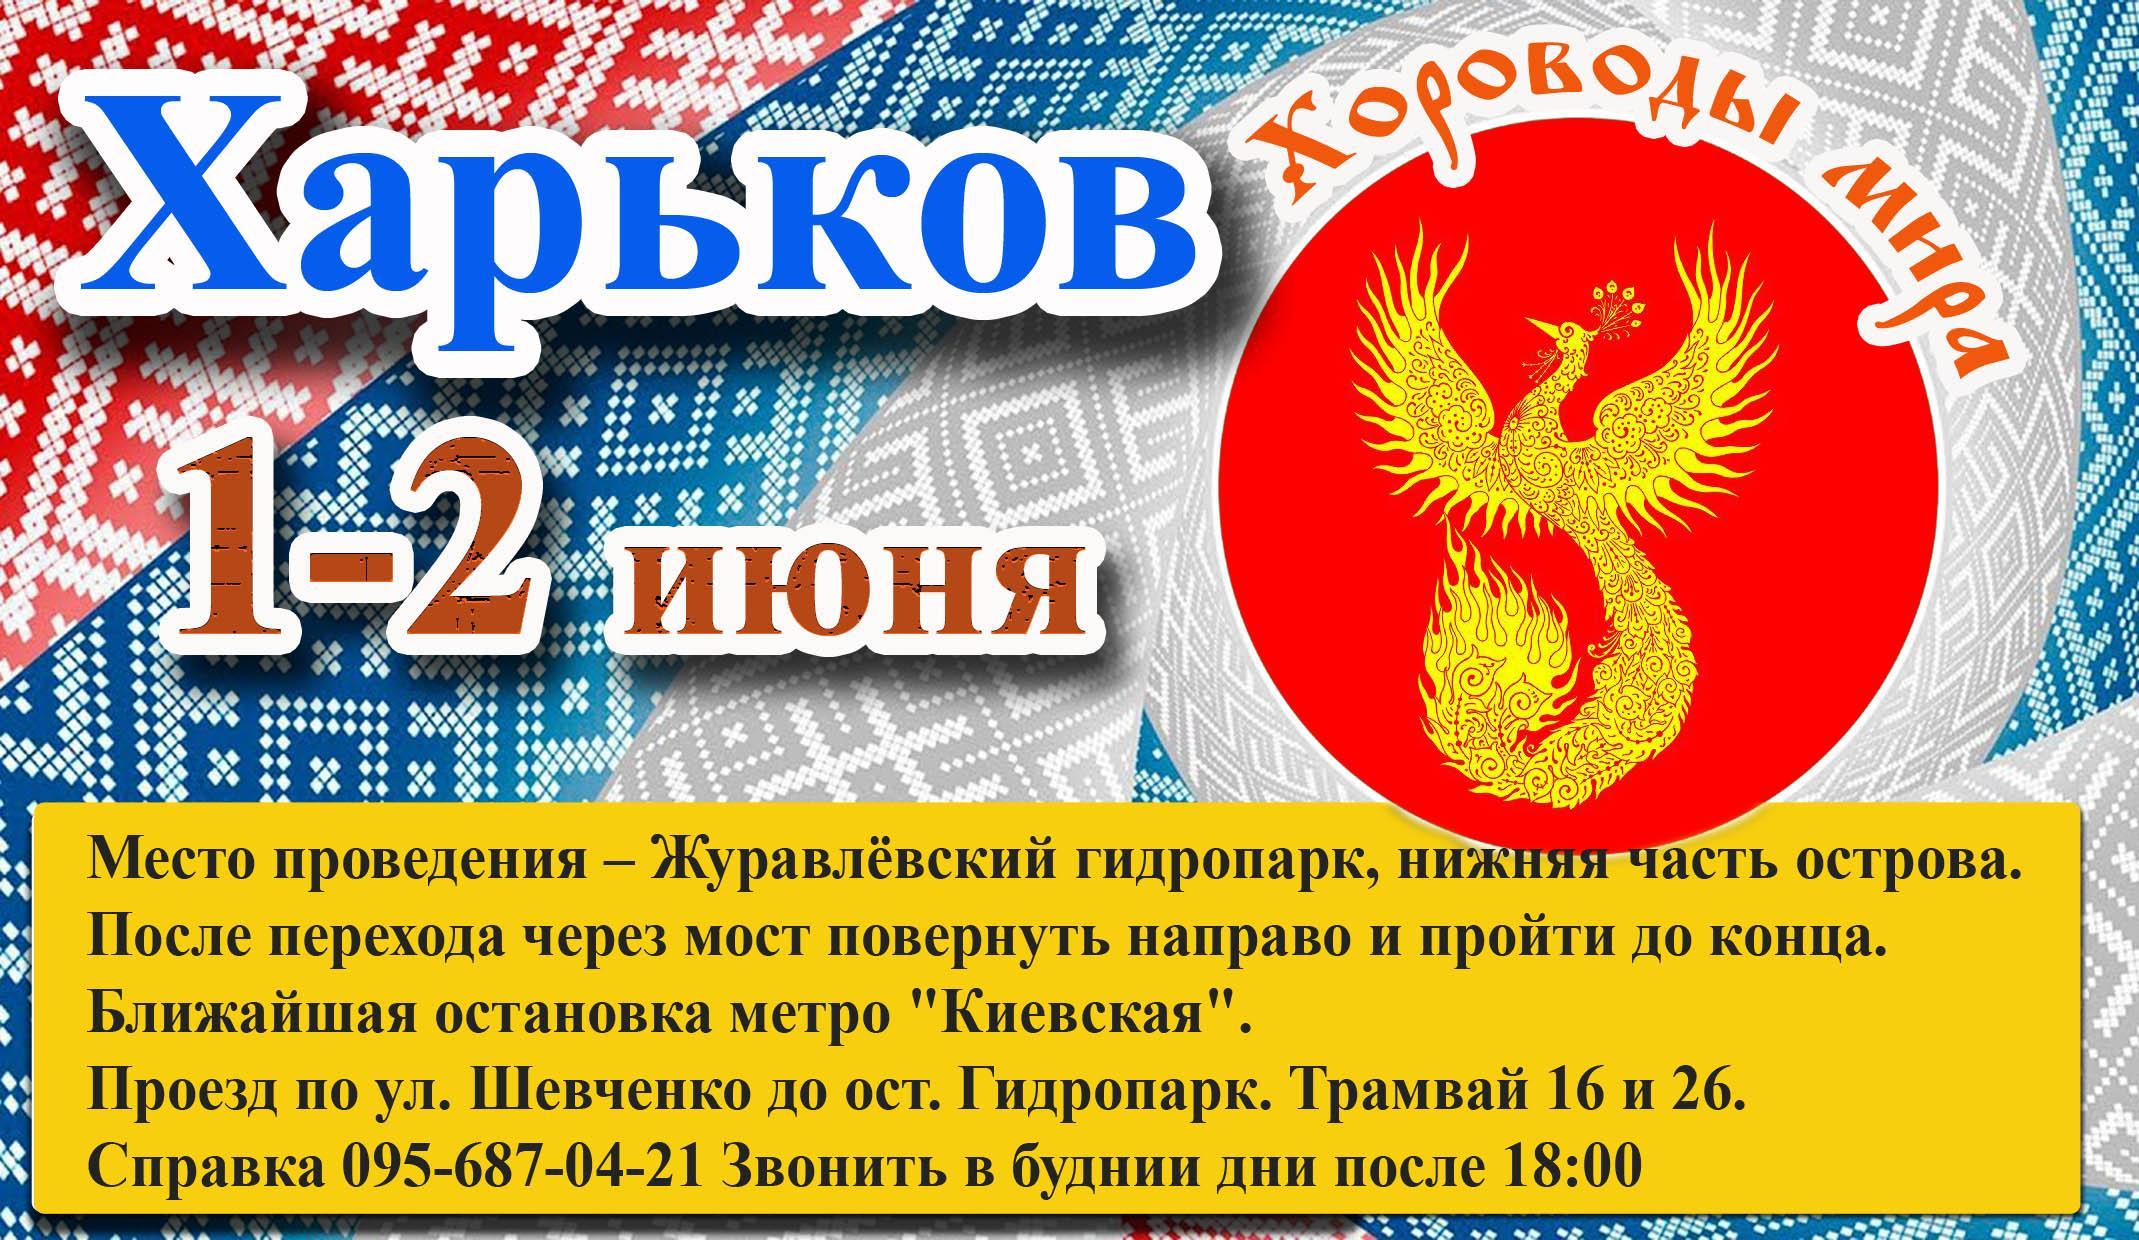 Хороводы мира в Харькове: 1-2 июня 2019